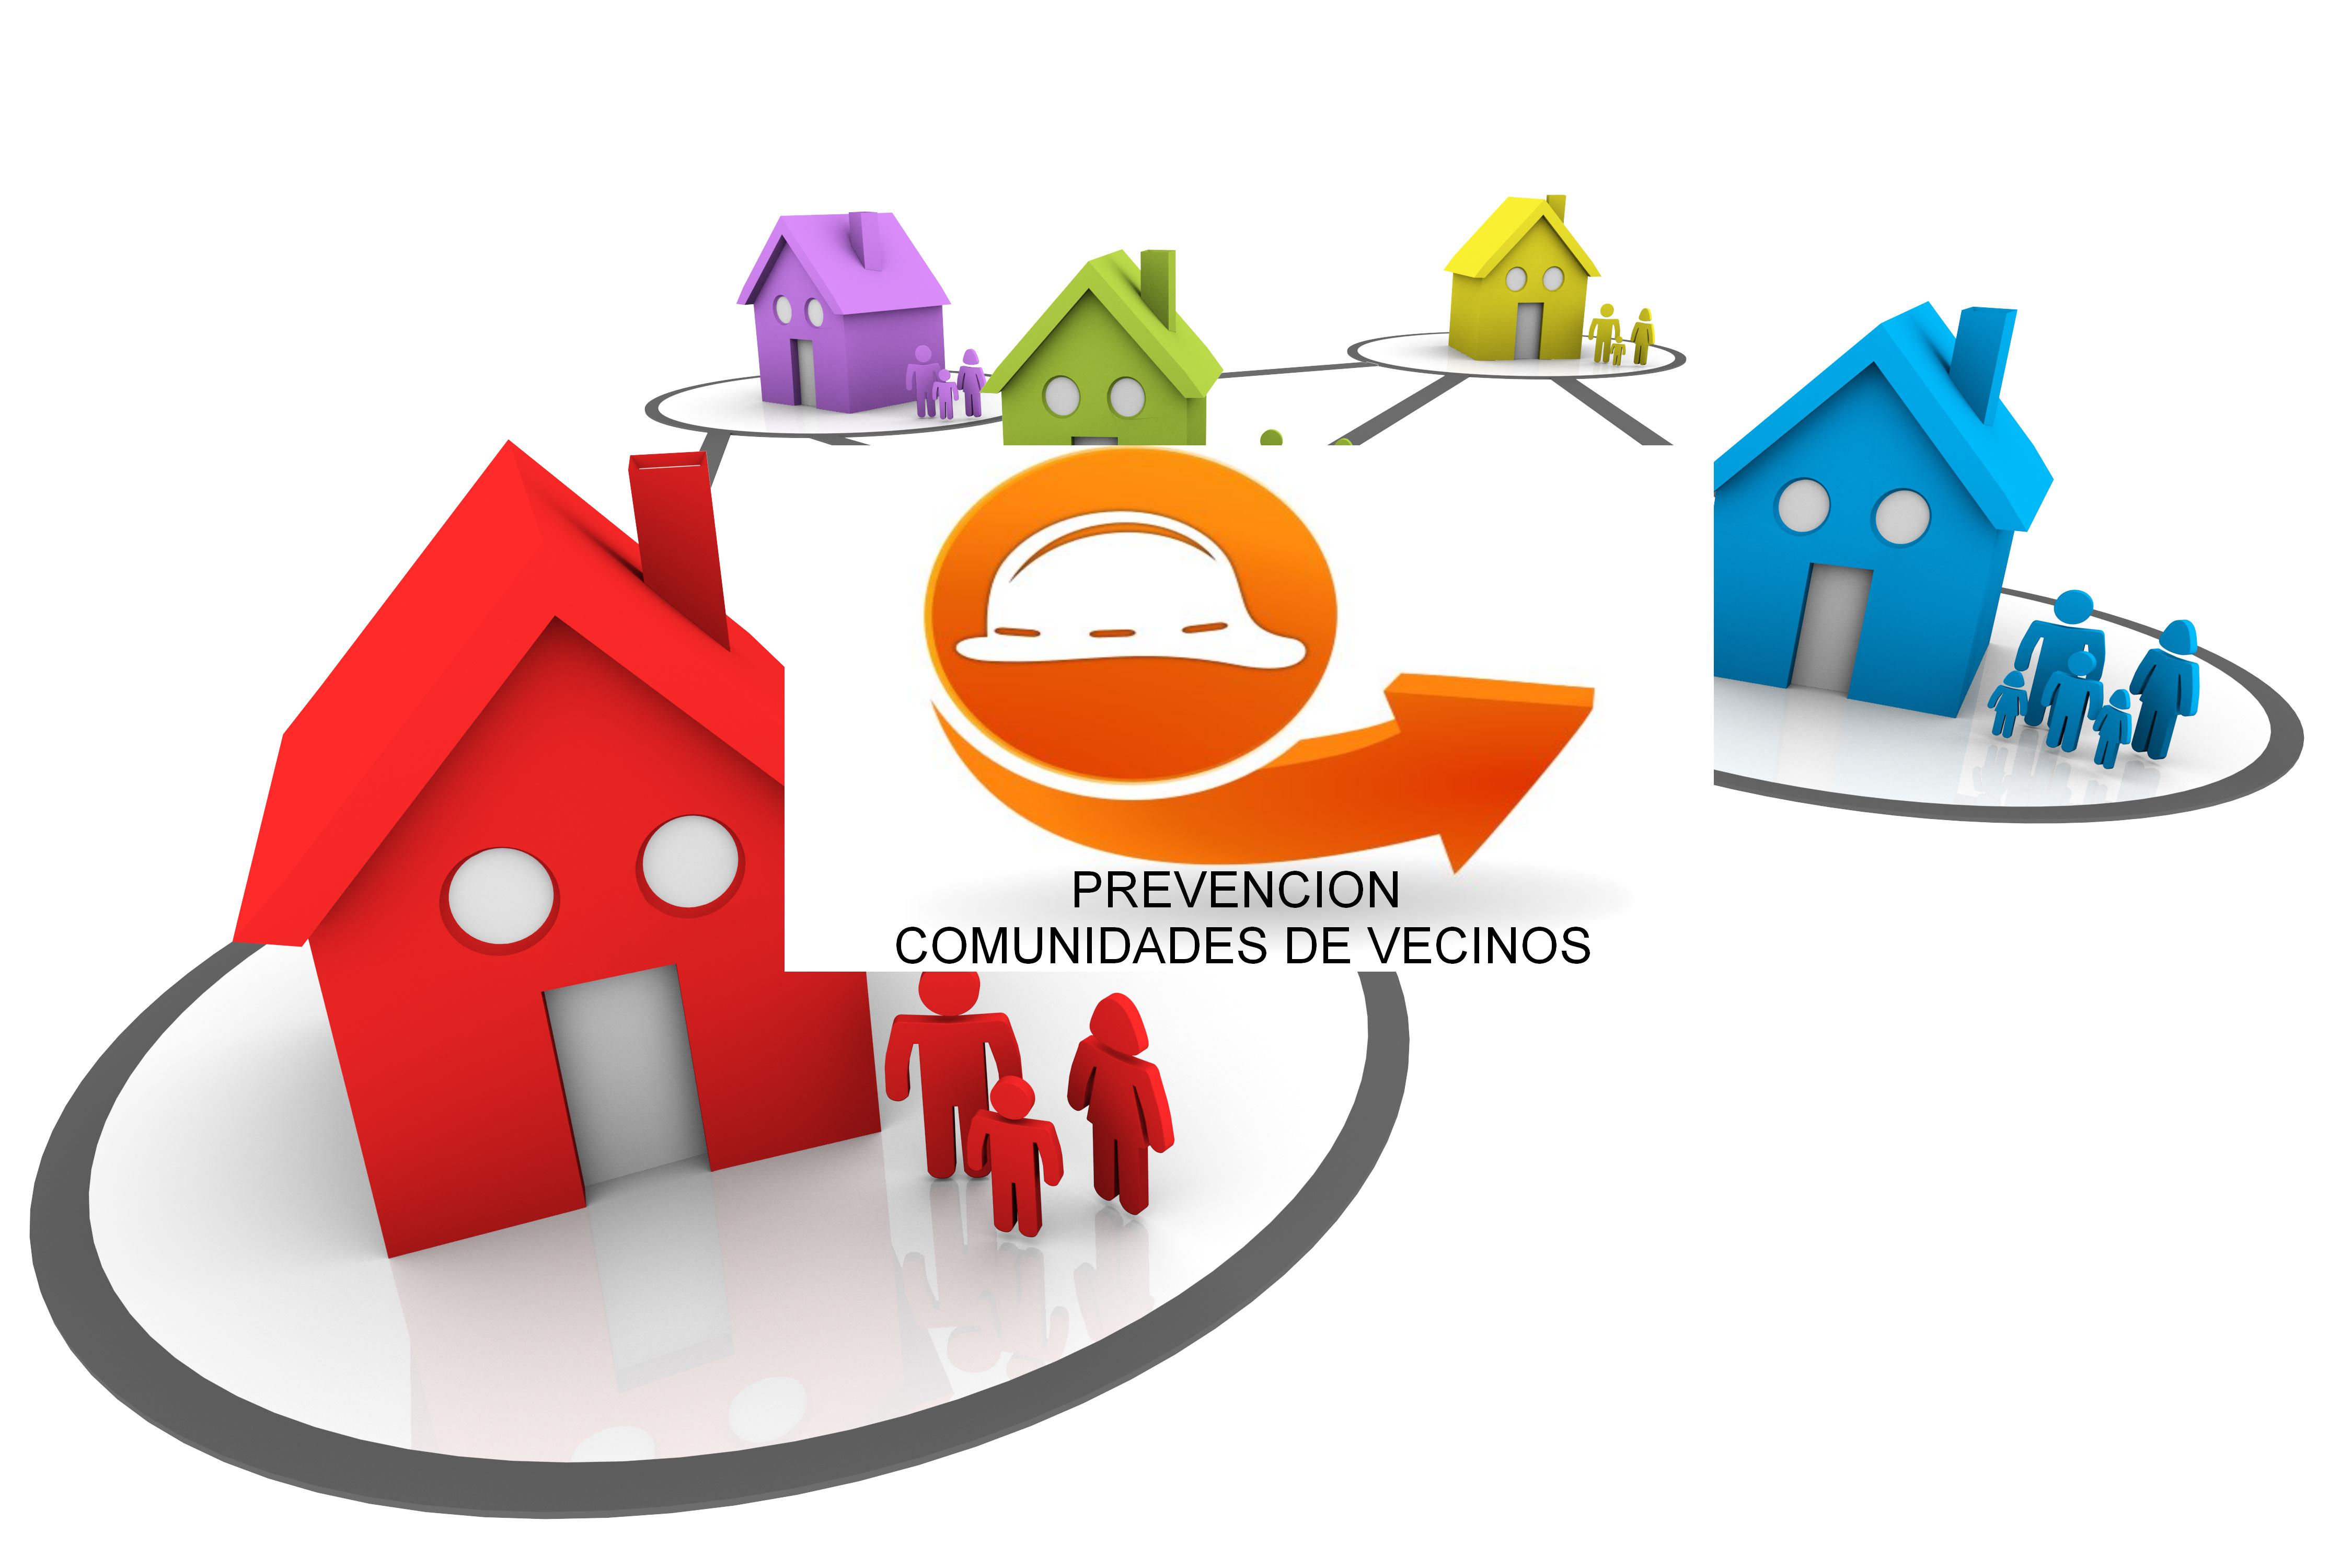 PREVENCION COMUNIDADES DE VECINOS